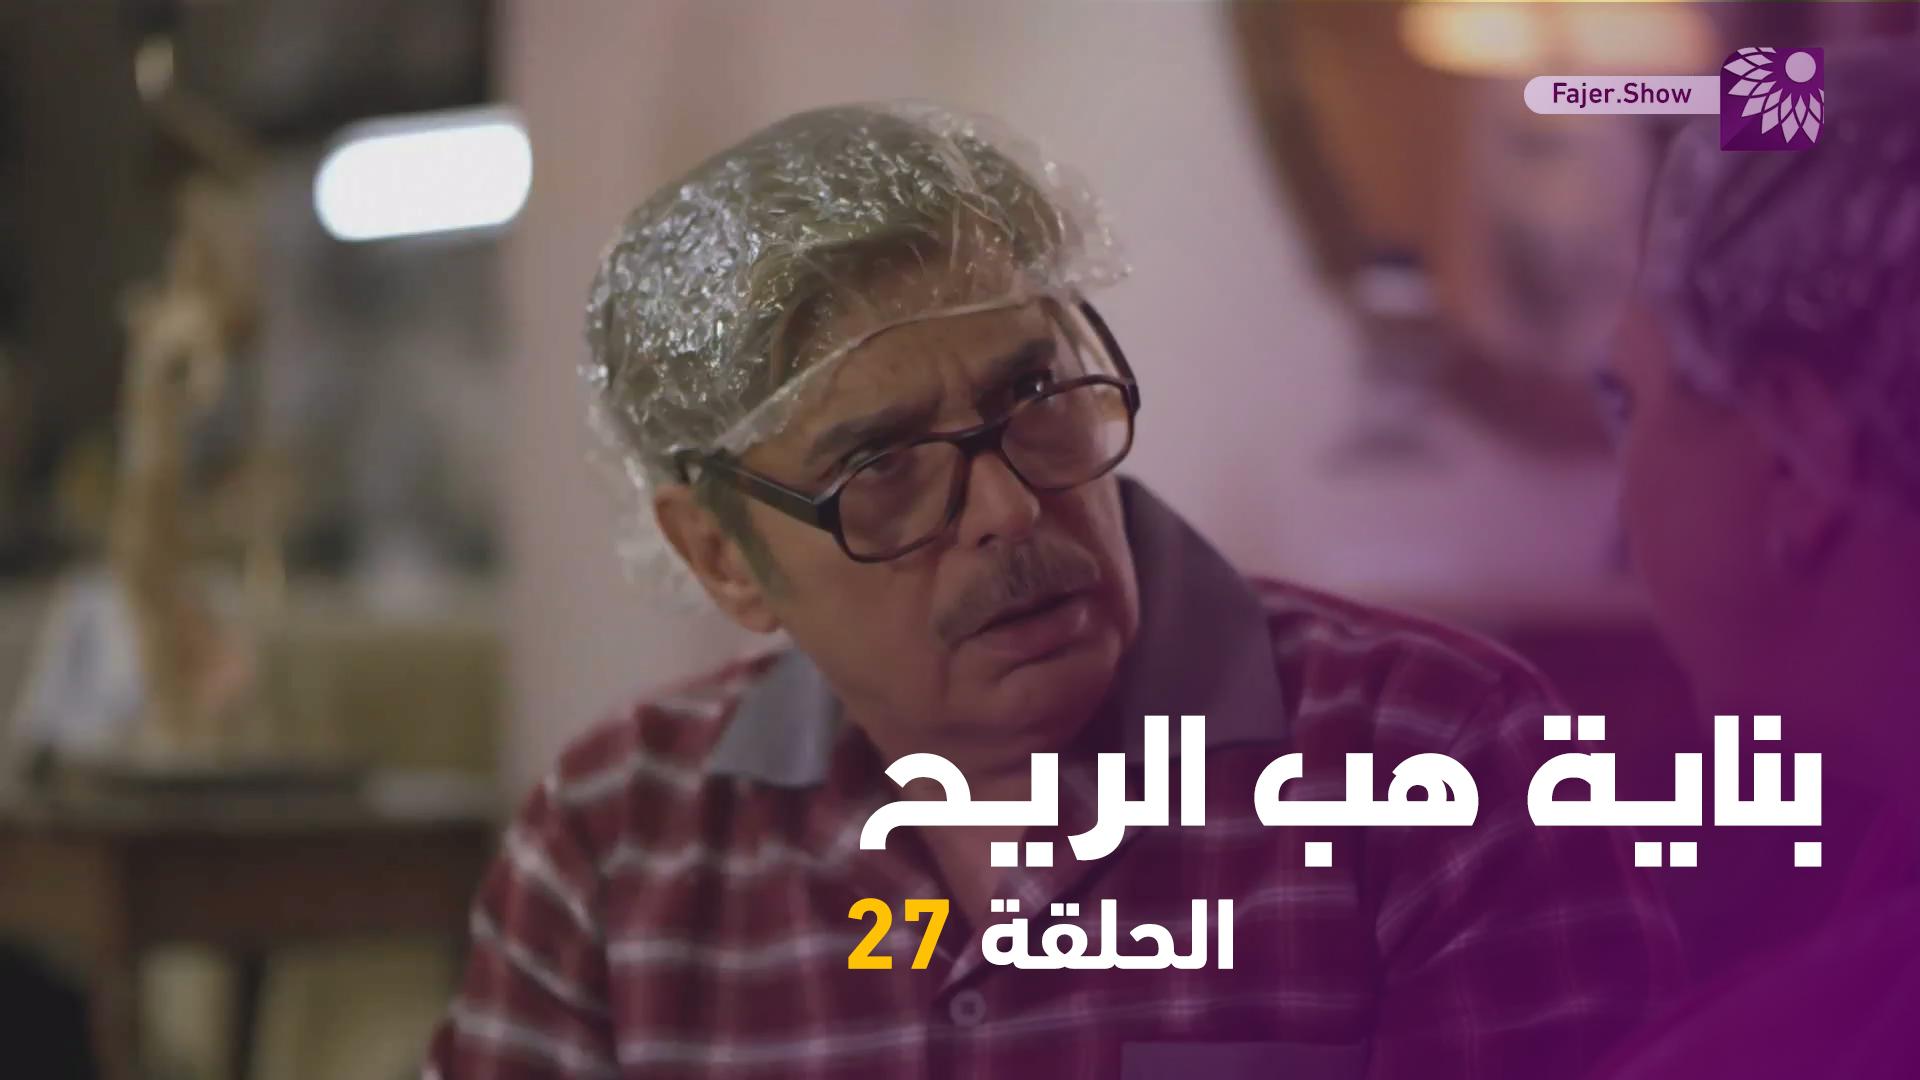 بناية هب الريح | الحلقة 27